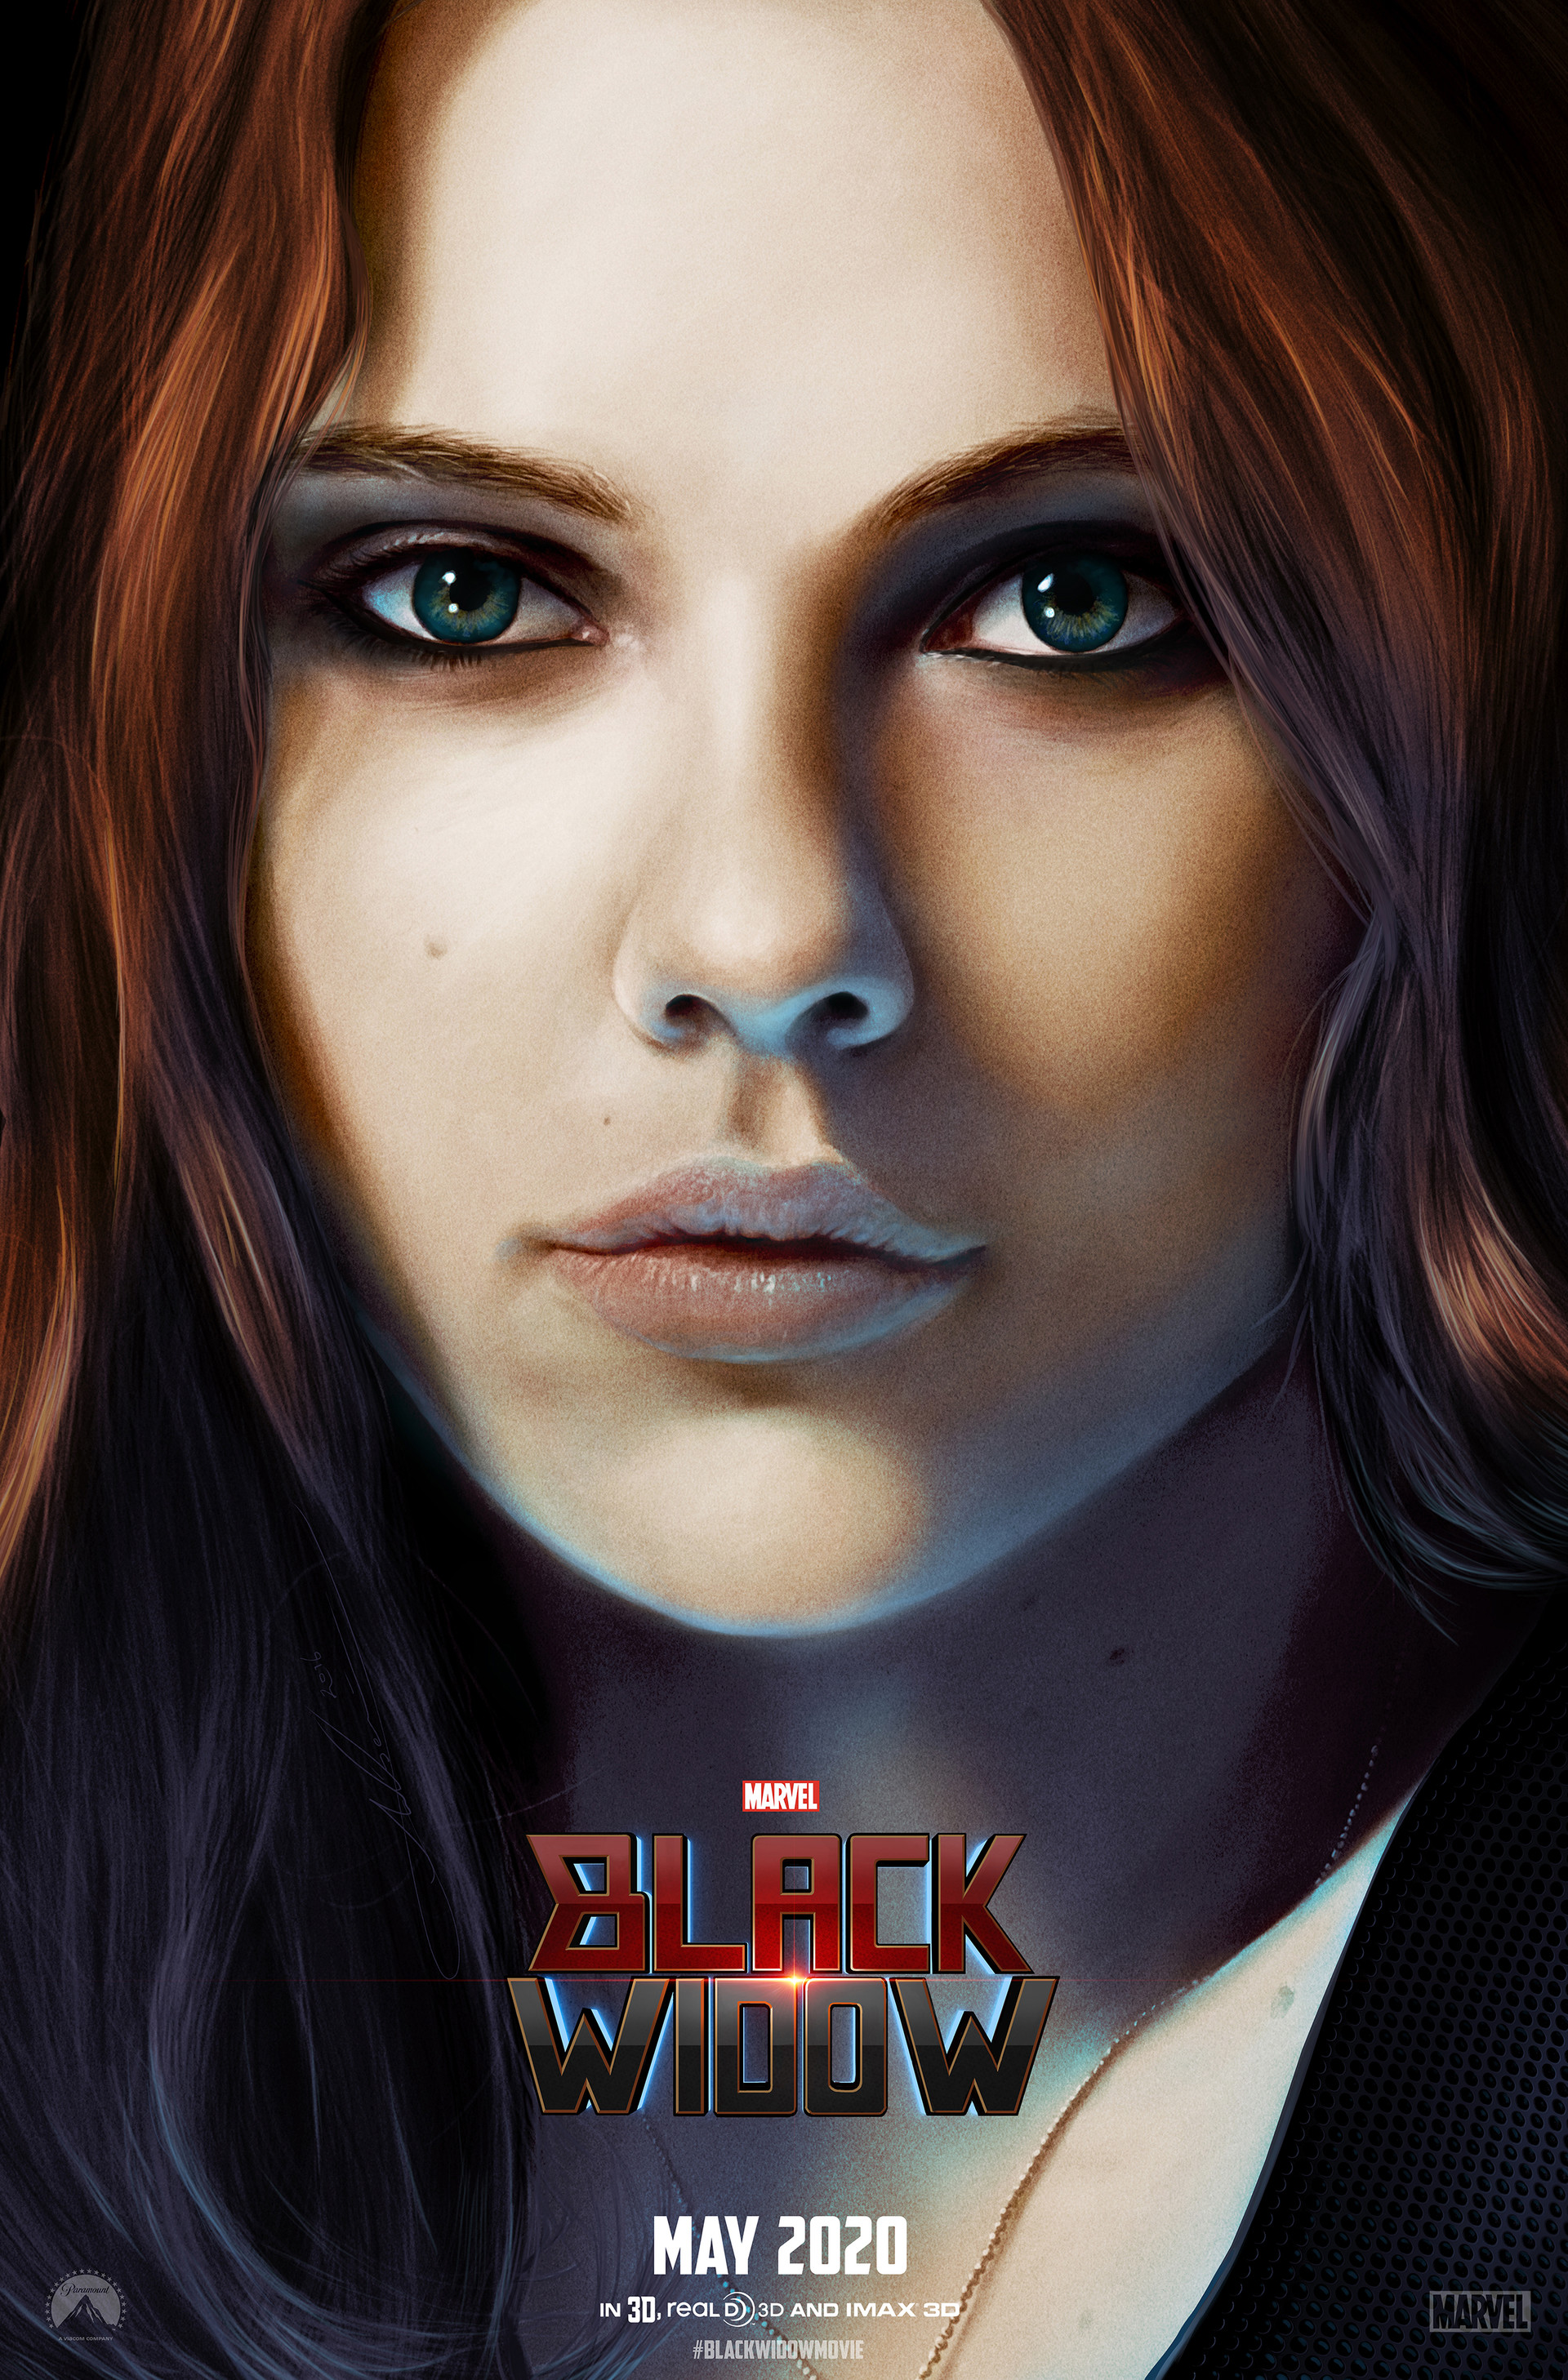 Aaron Luke Wilson - Black Widow